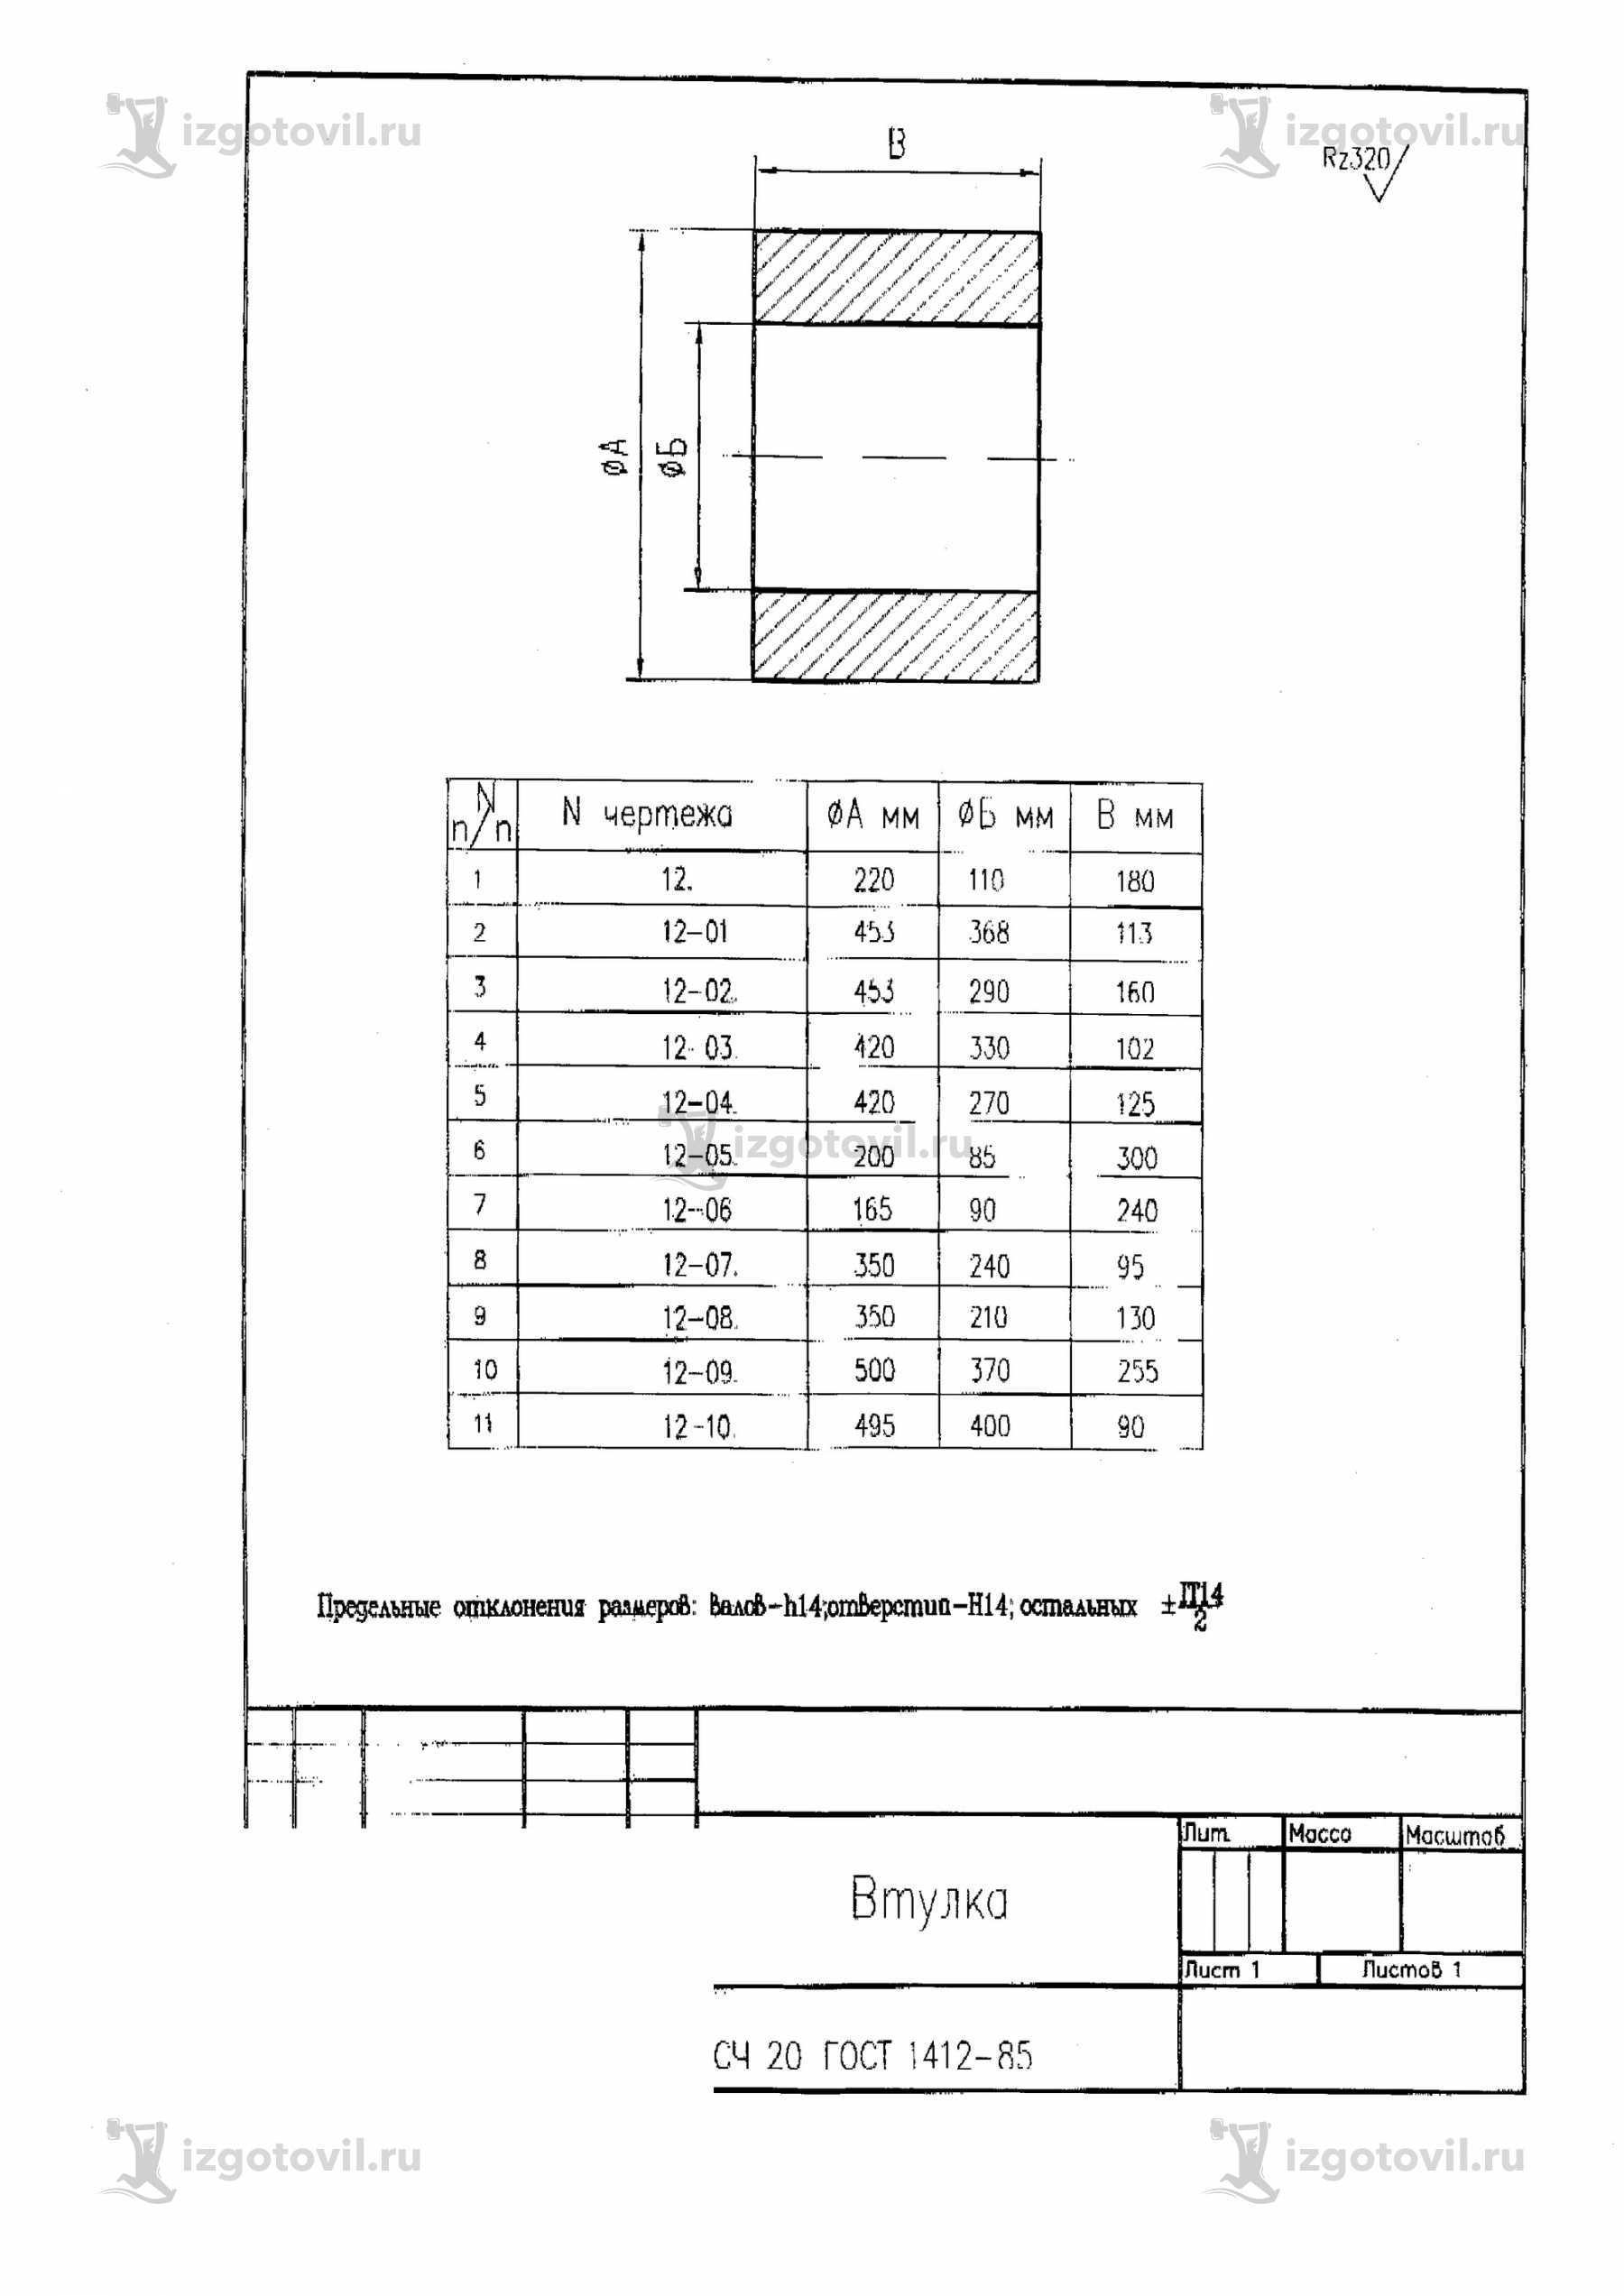 Литейное производство - изготовление заготовок